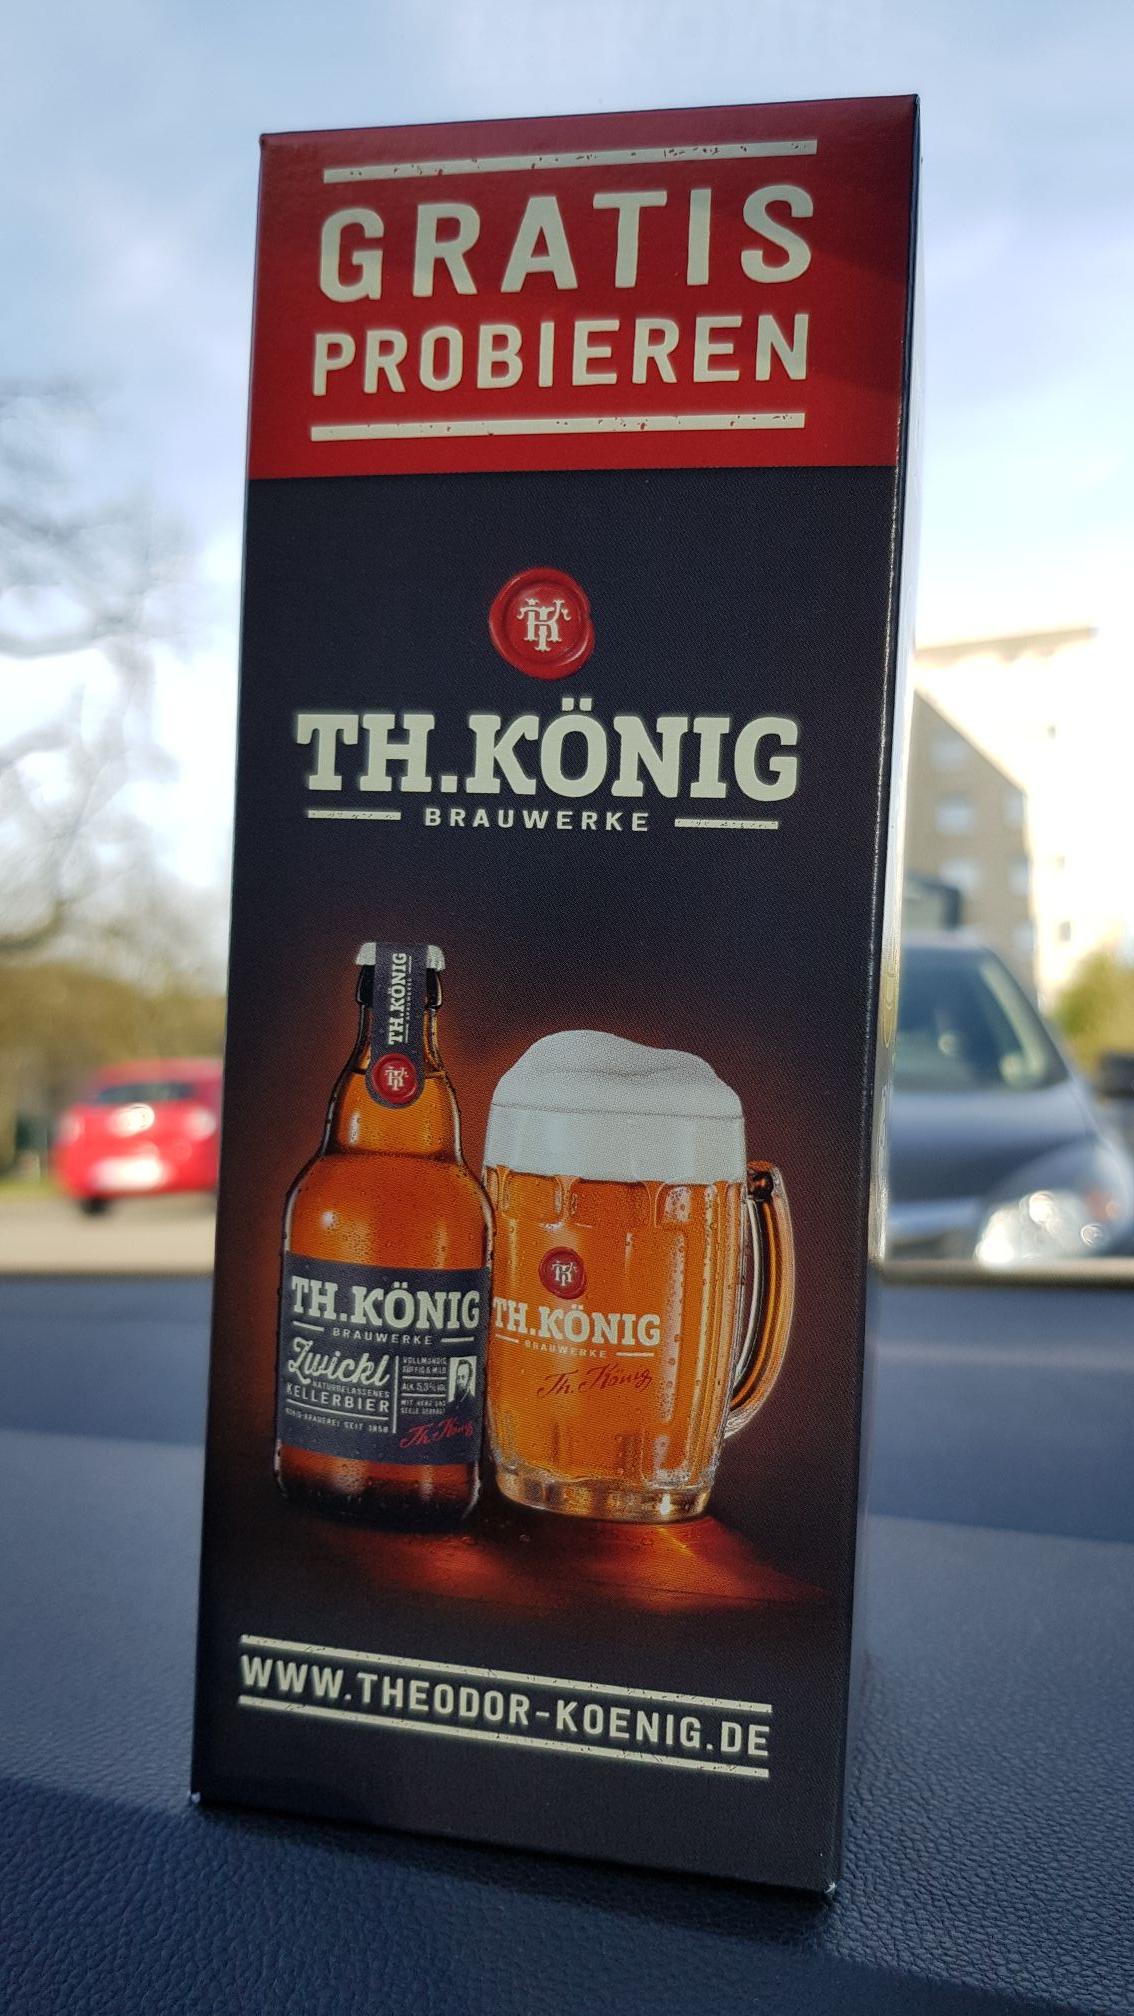 [Lokal Mülheim a. d. Ruhr] Th. König Brauwerke Bier 0,33 Liter kostenlos!